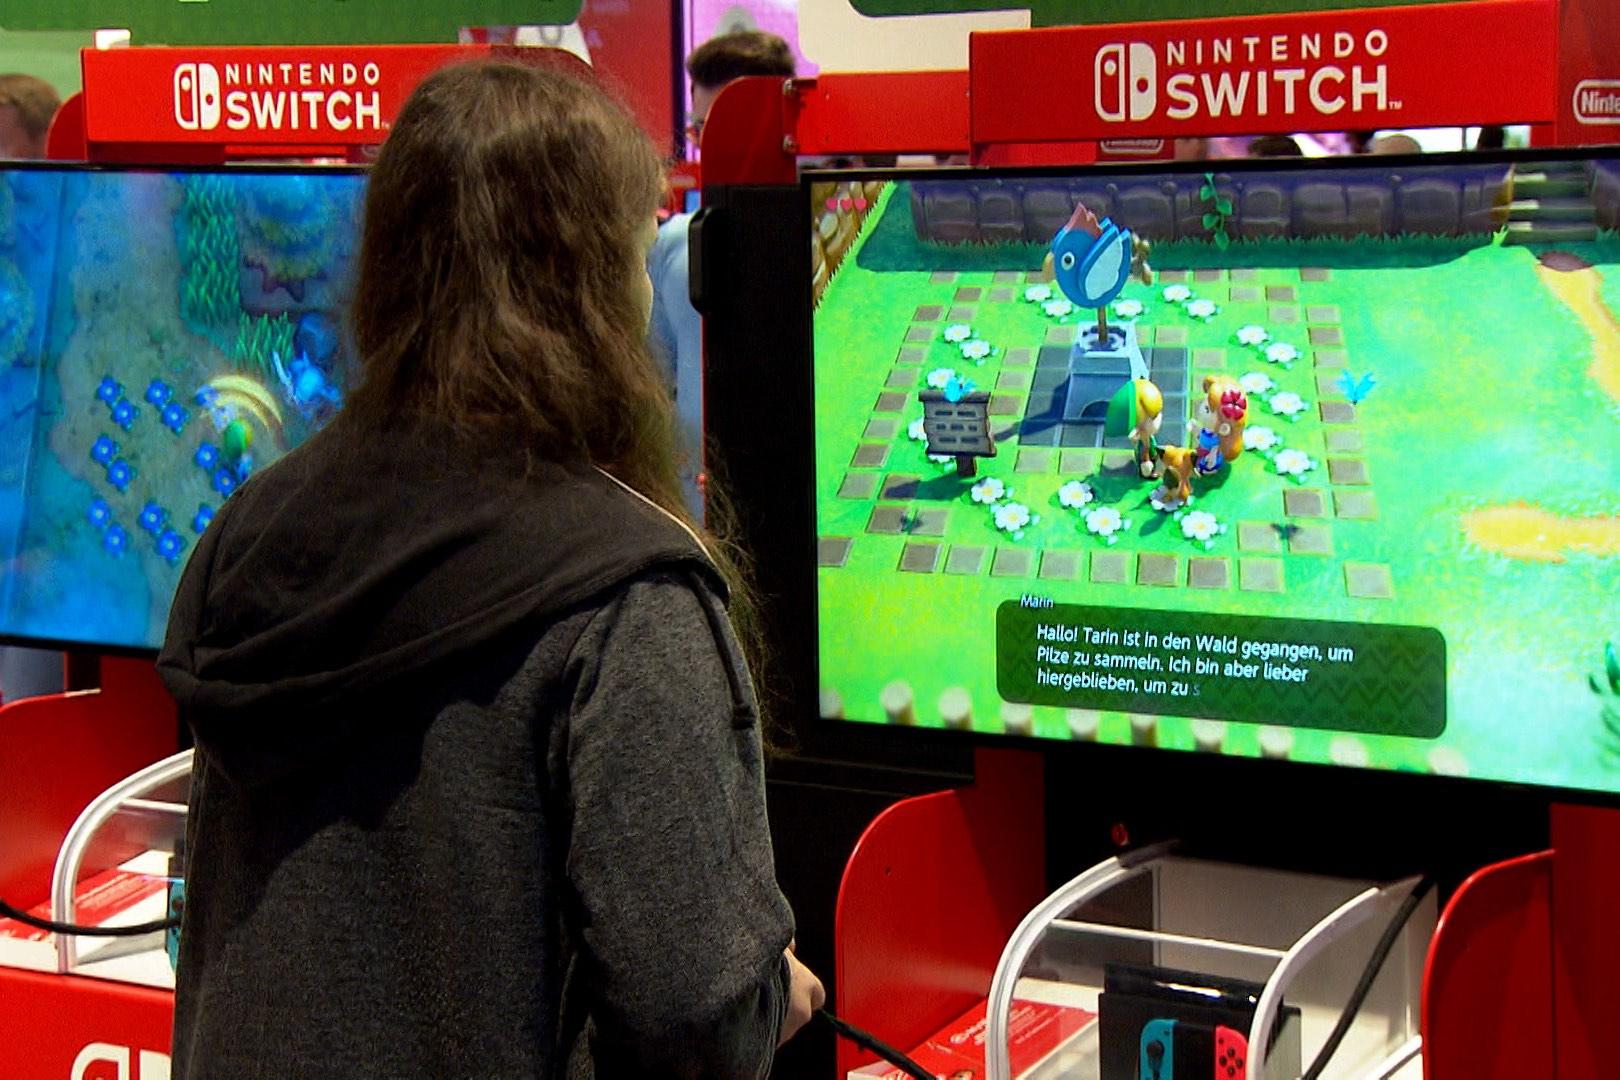 """Spiele wie """"The Legend of Zelda"""" sind unglaublich beliebt (Foto: hellofootage)"""